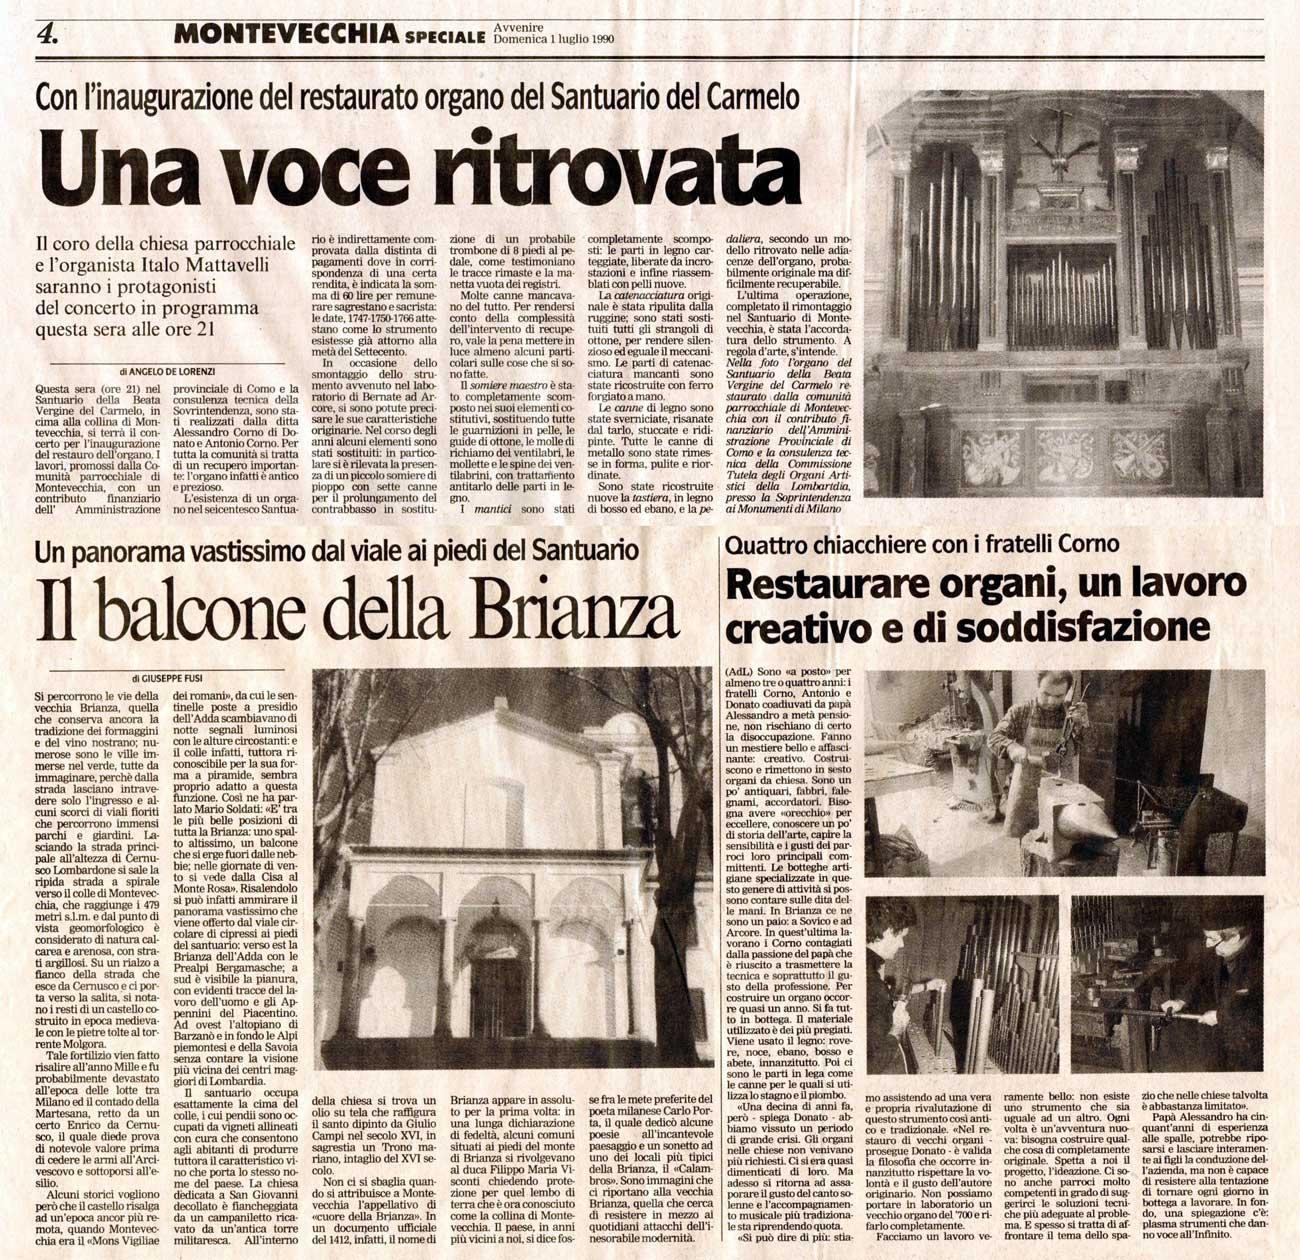 Avvenire, domenica 1 luglio 1990, MONTEVECCHIA SPECIALE